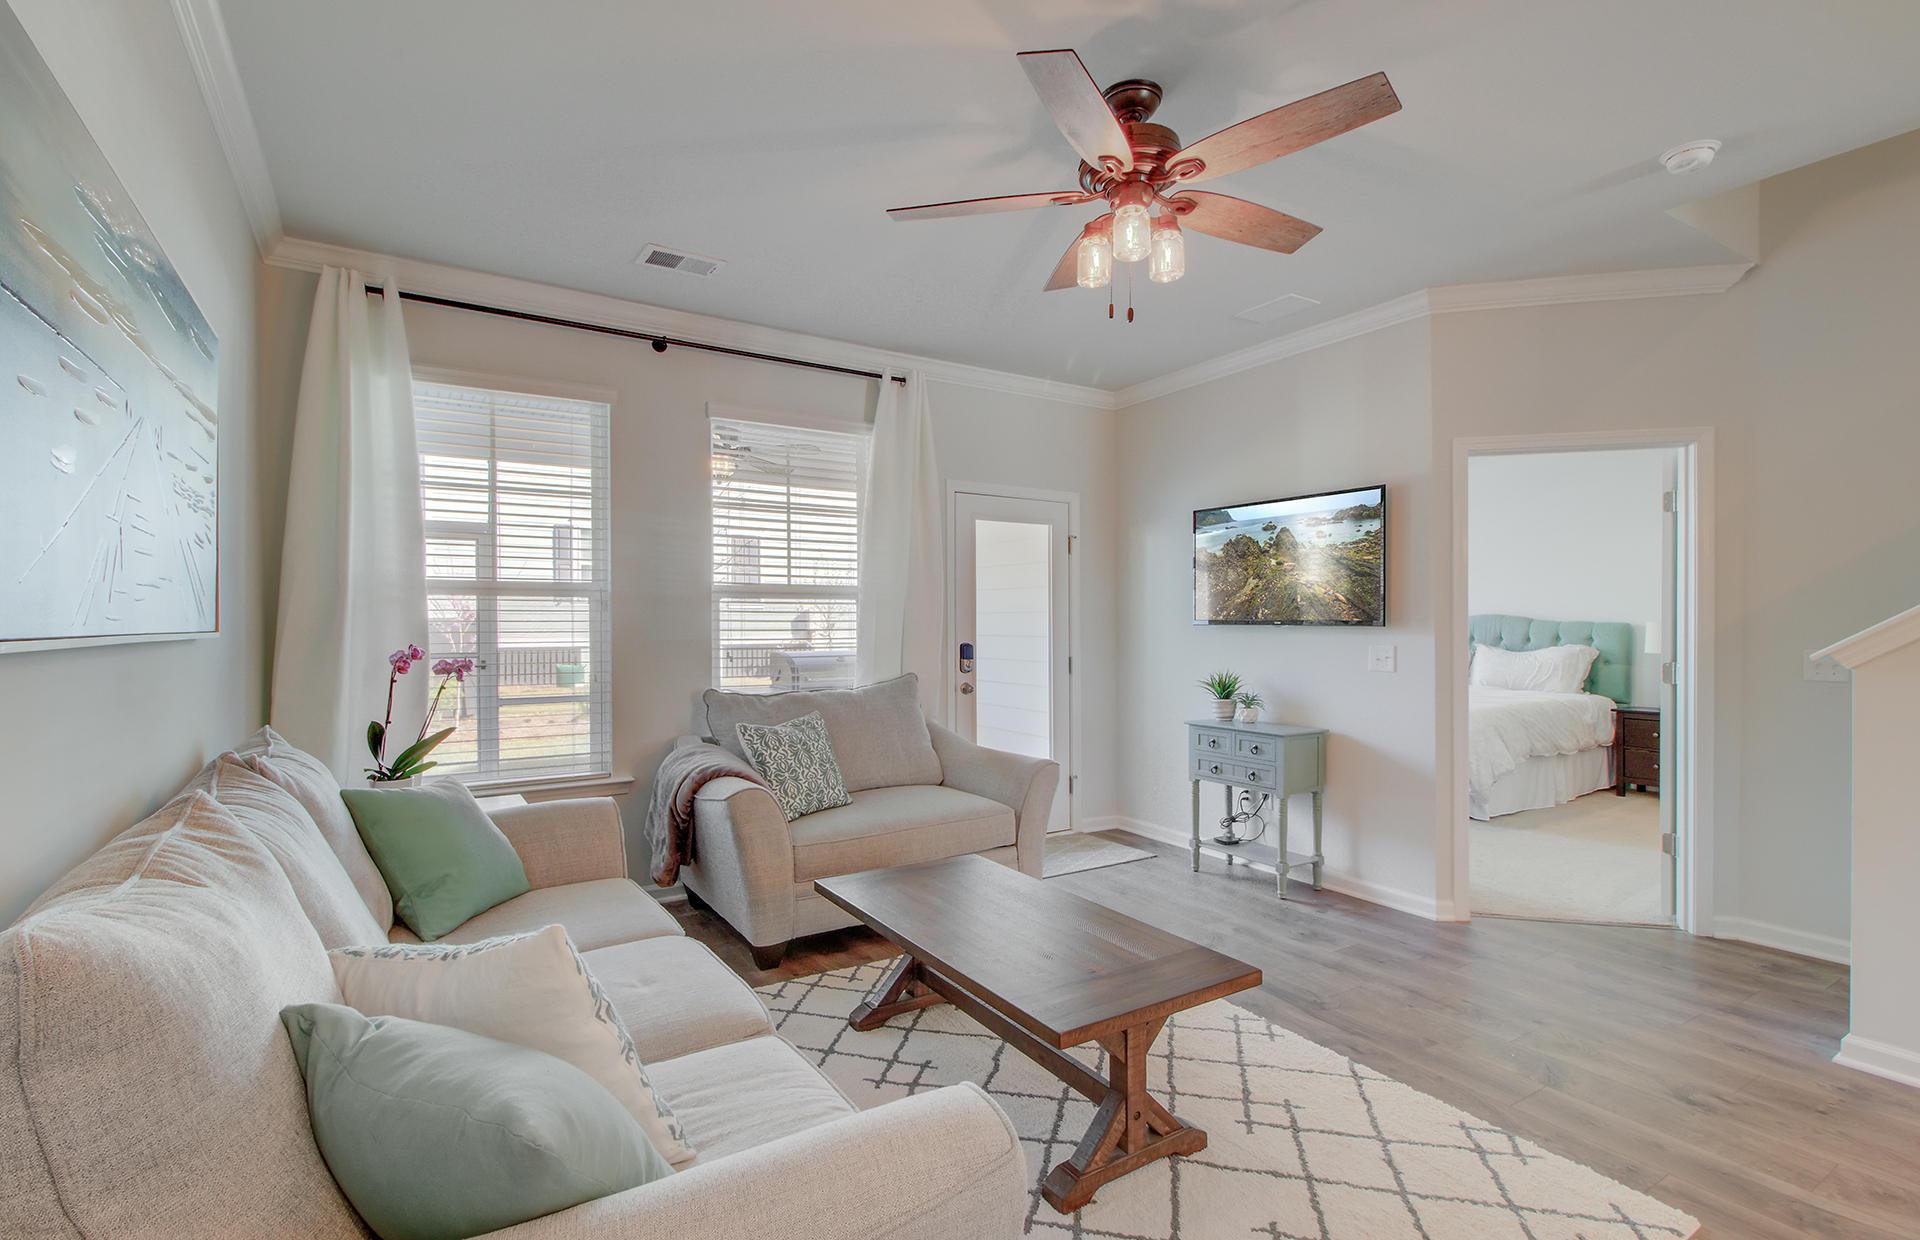 Park West Homes For Sale - 2569 Kingsfield, Mount Pleasant, SC - 19